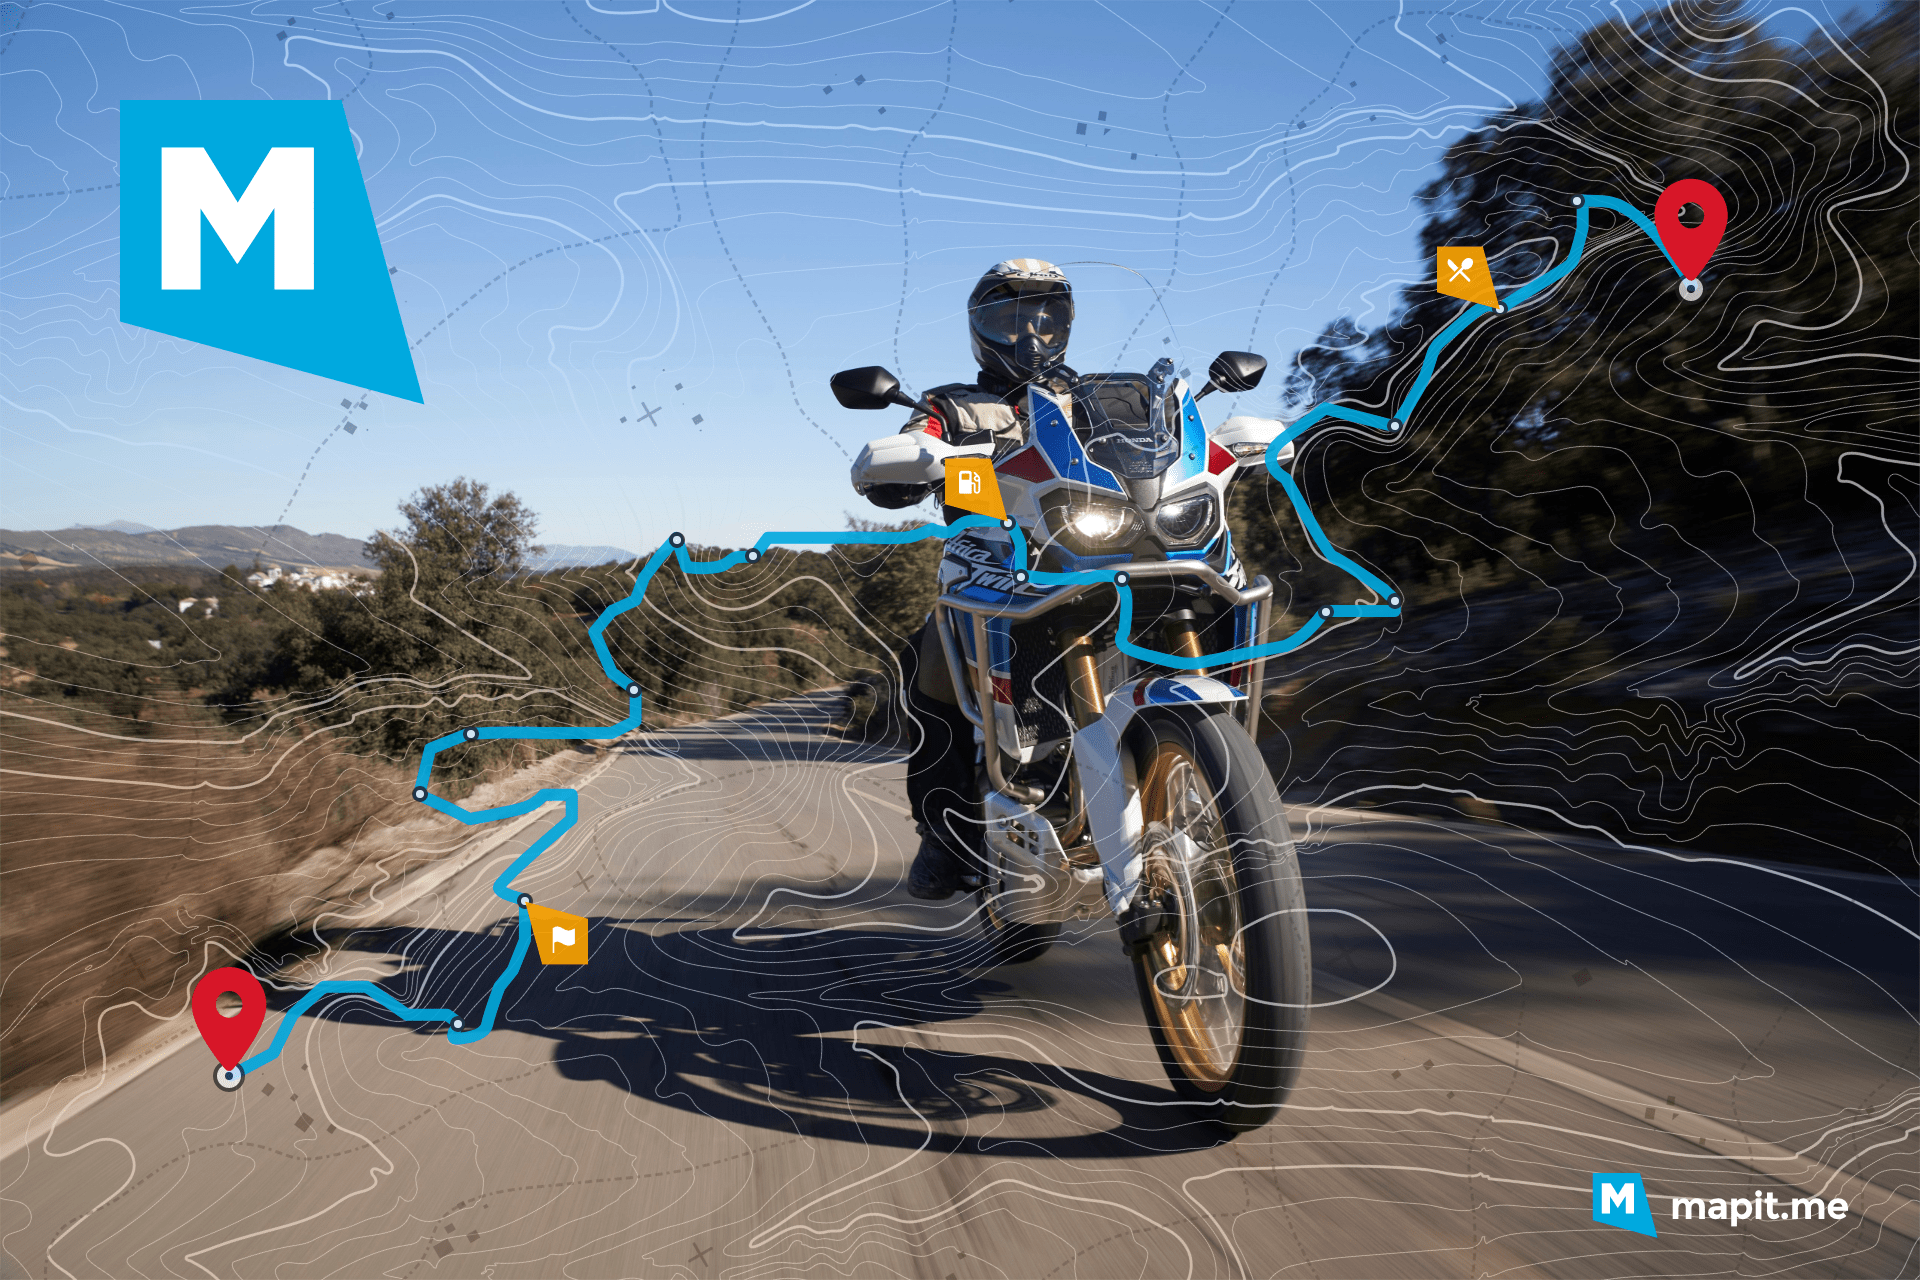 Mejores rutas en moto de España: Barcelona, Madrid y Málaga